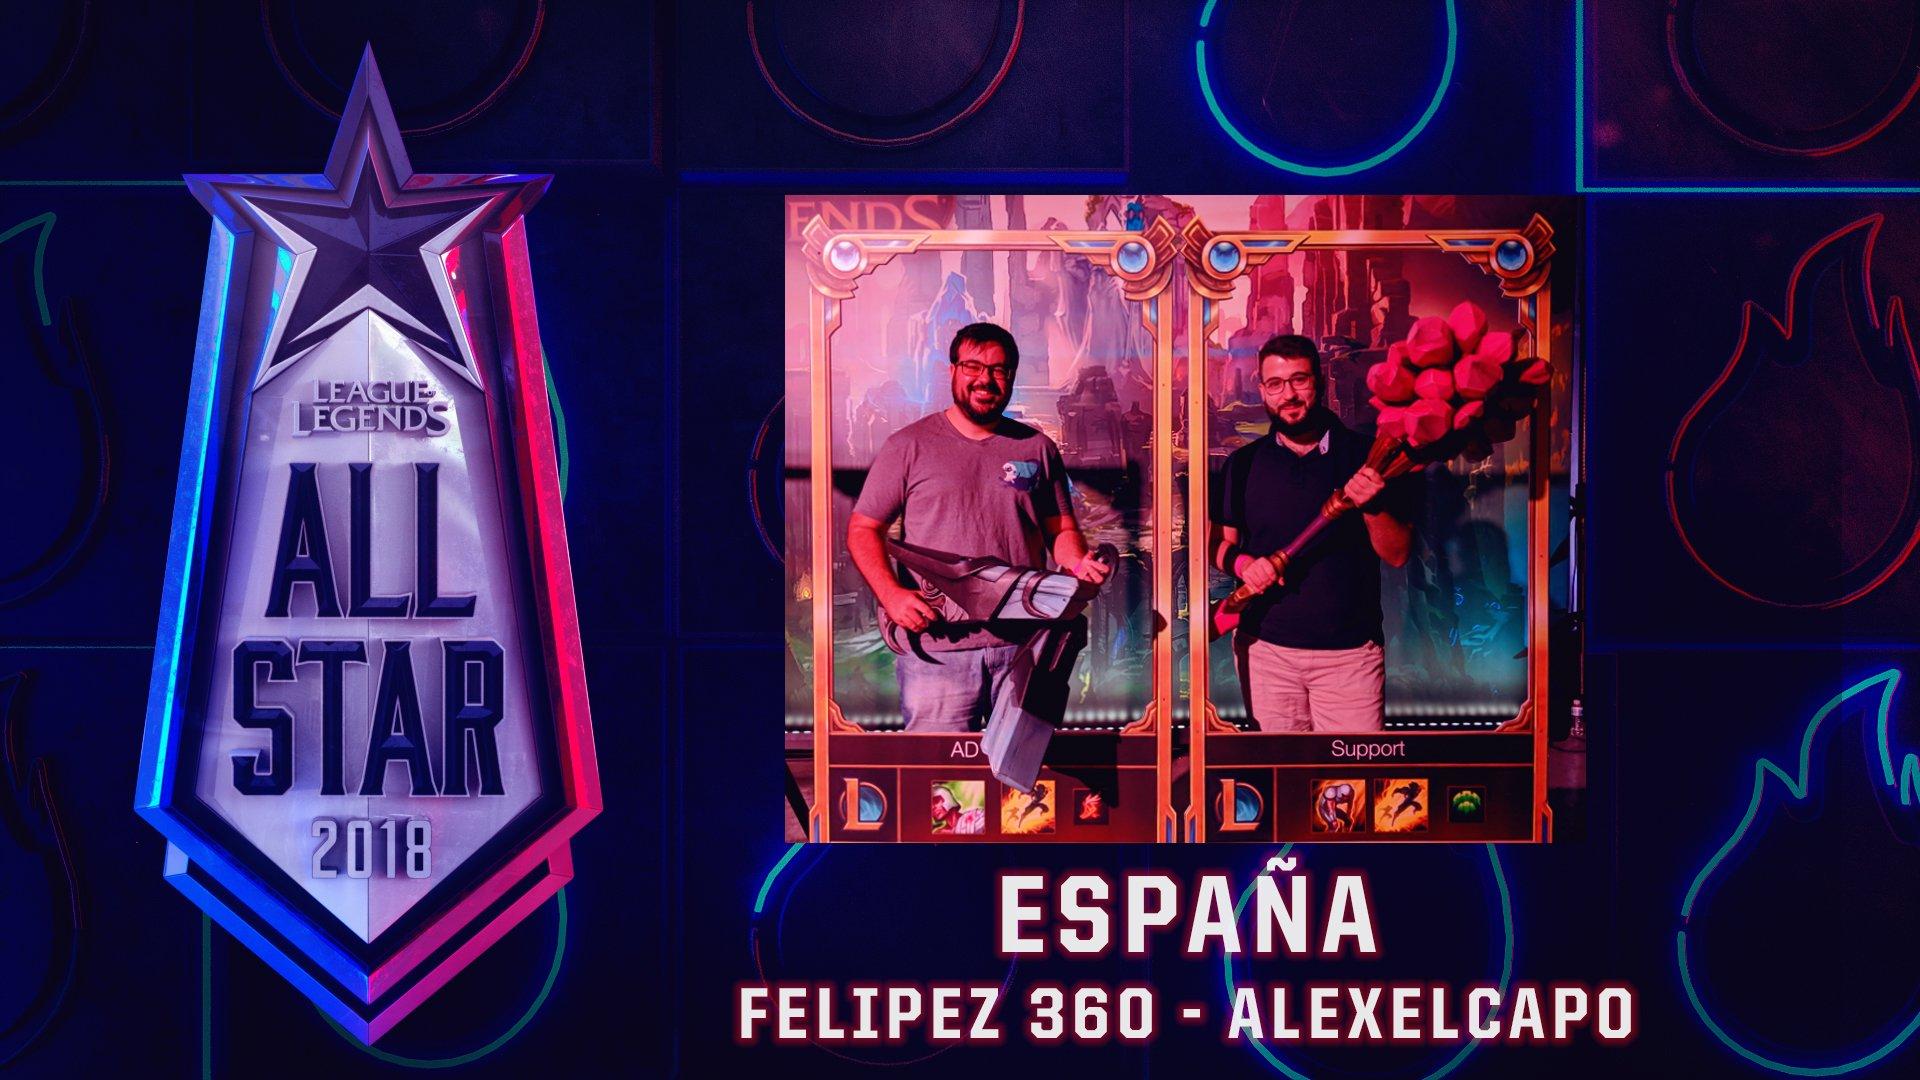 Alexelcapo y Felipez360 estarán presentes en All-Star